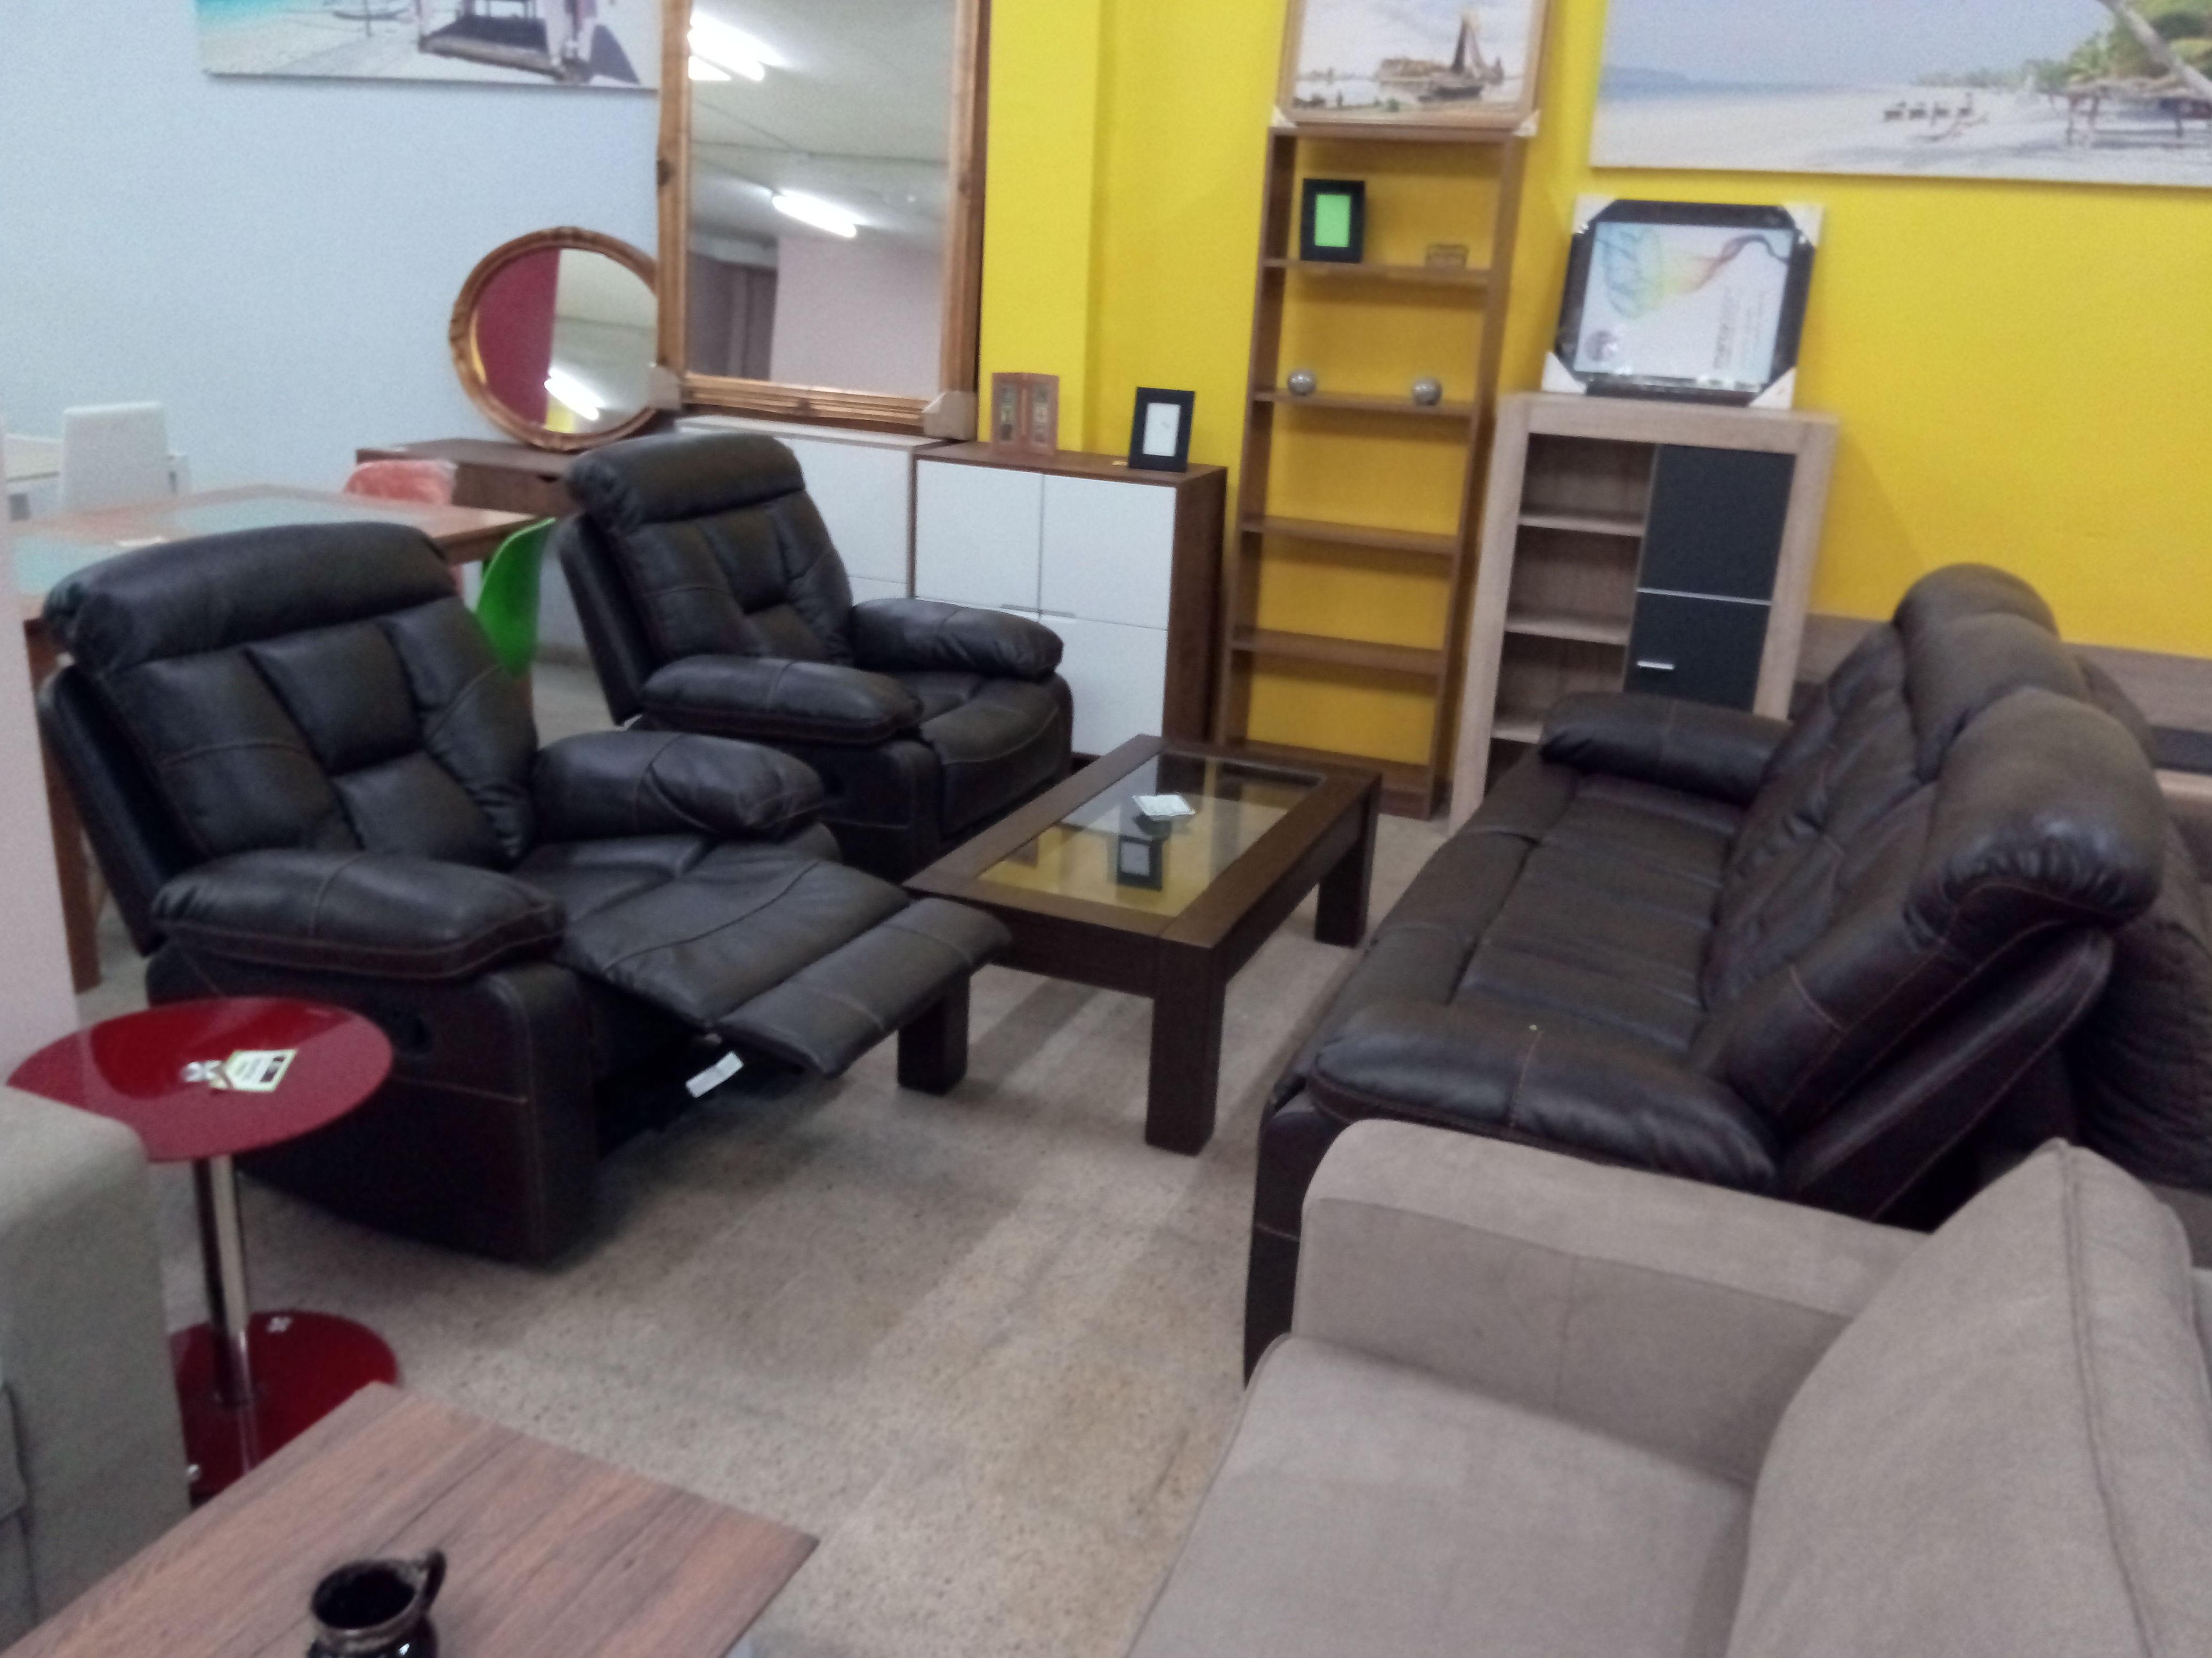 Sofas declinable en negro beich rojo y marrones en 3+1+1  y 3+2+1